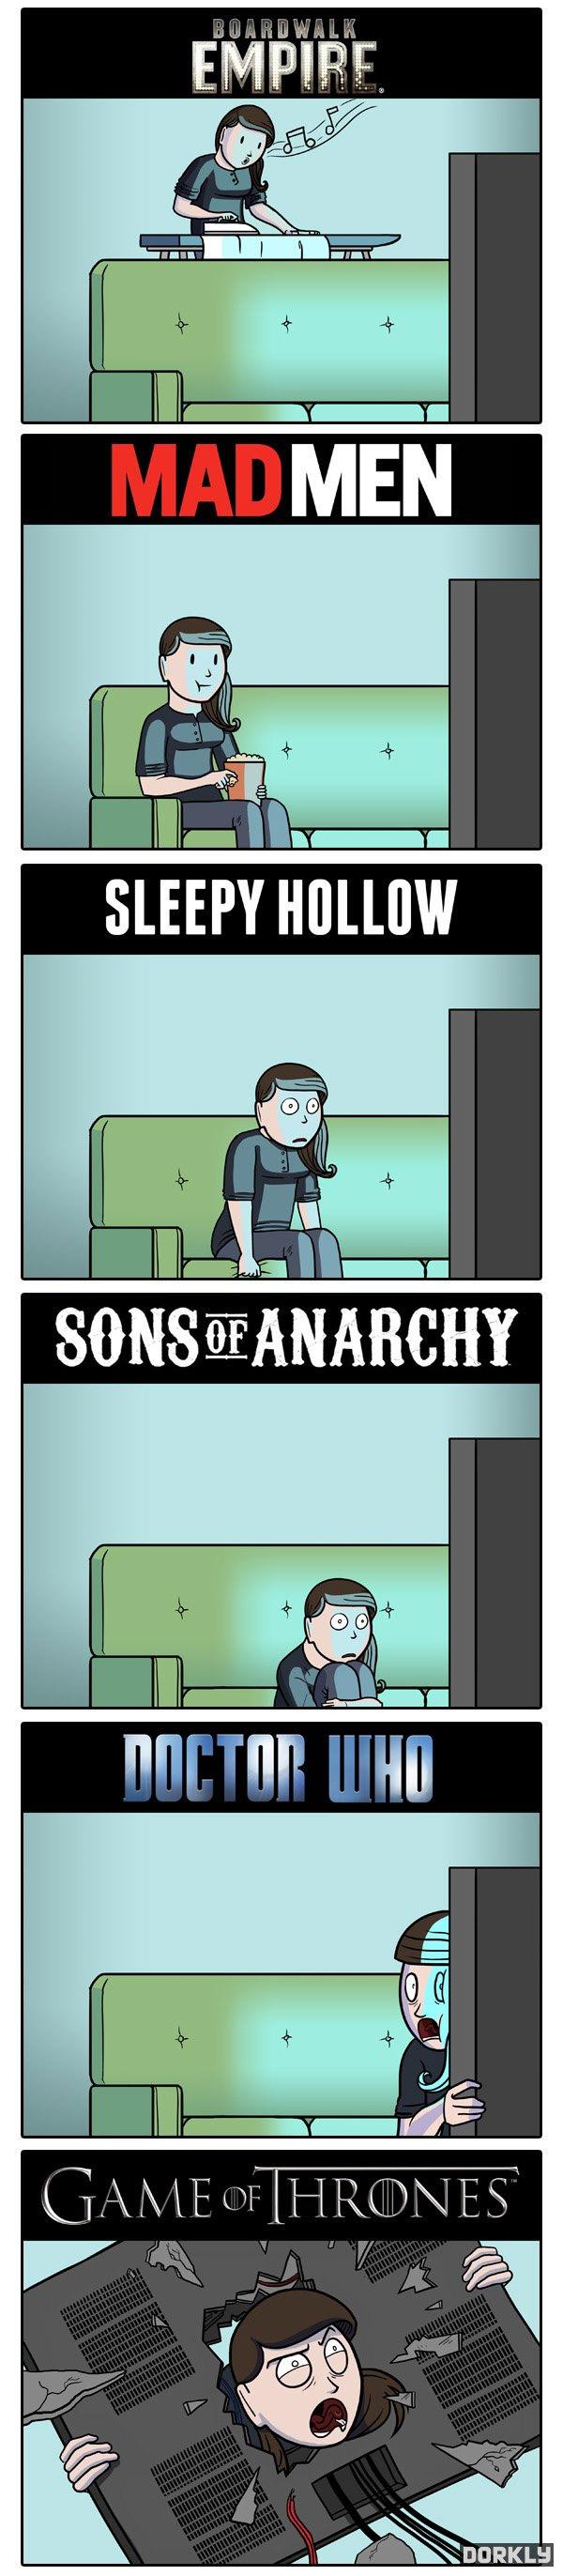 Intensidad de algunas series de televisión